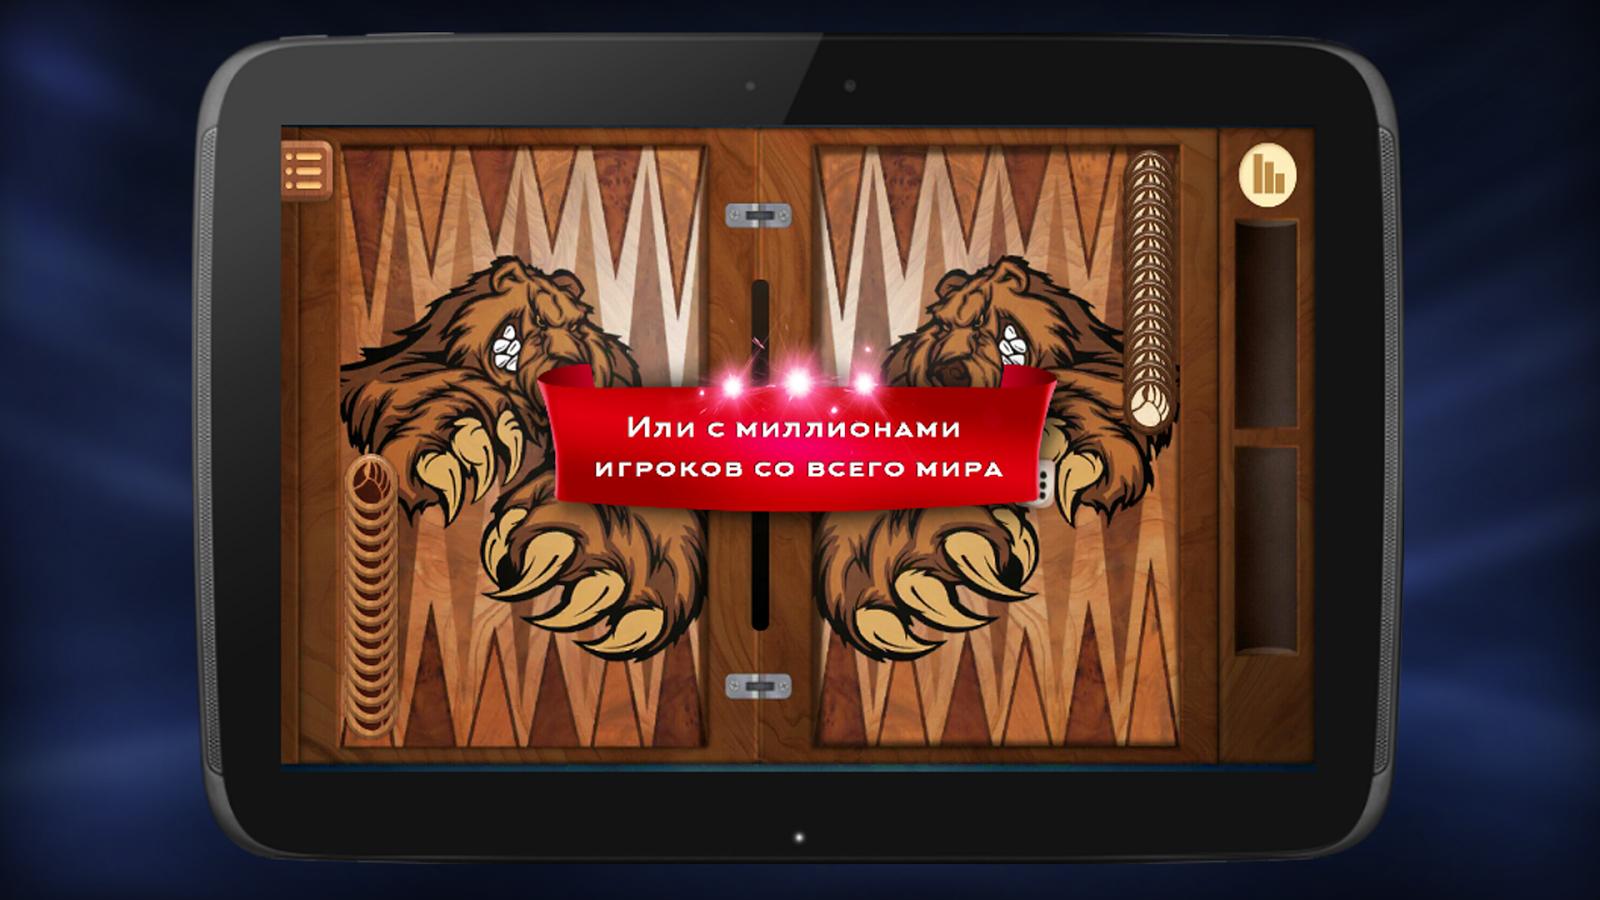 Длинные нарды для android » сайт о мобильных телефонах fly.